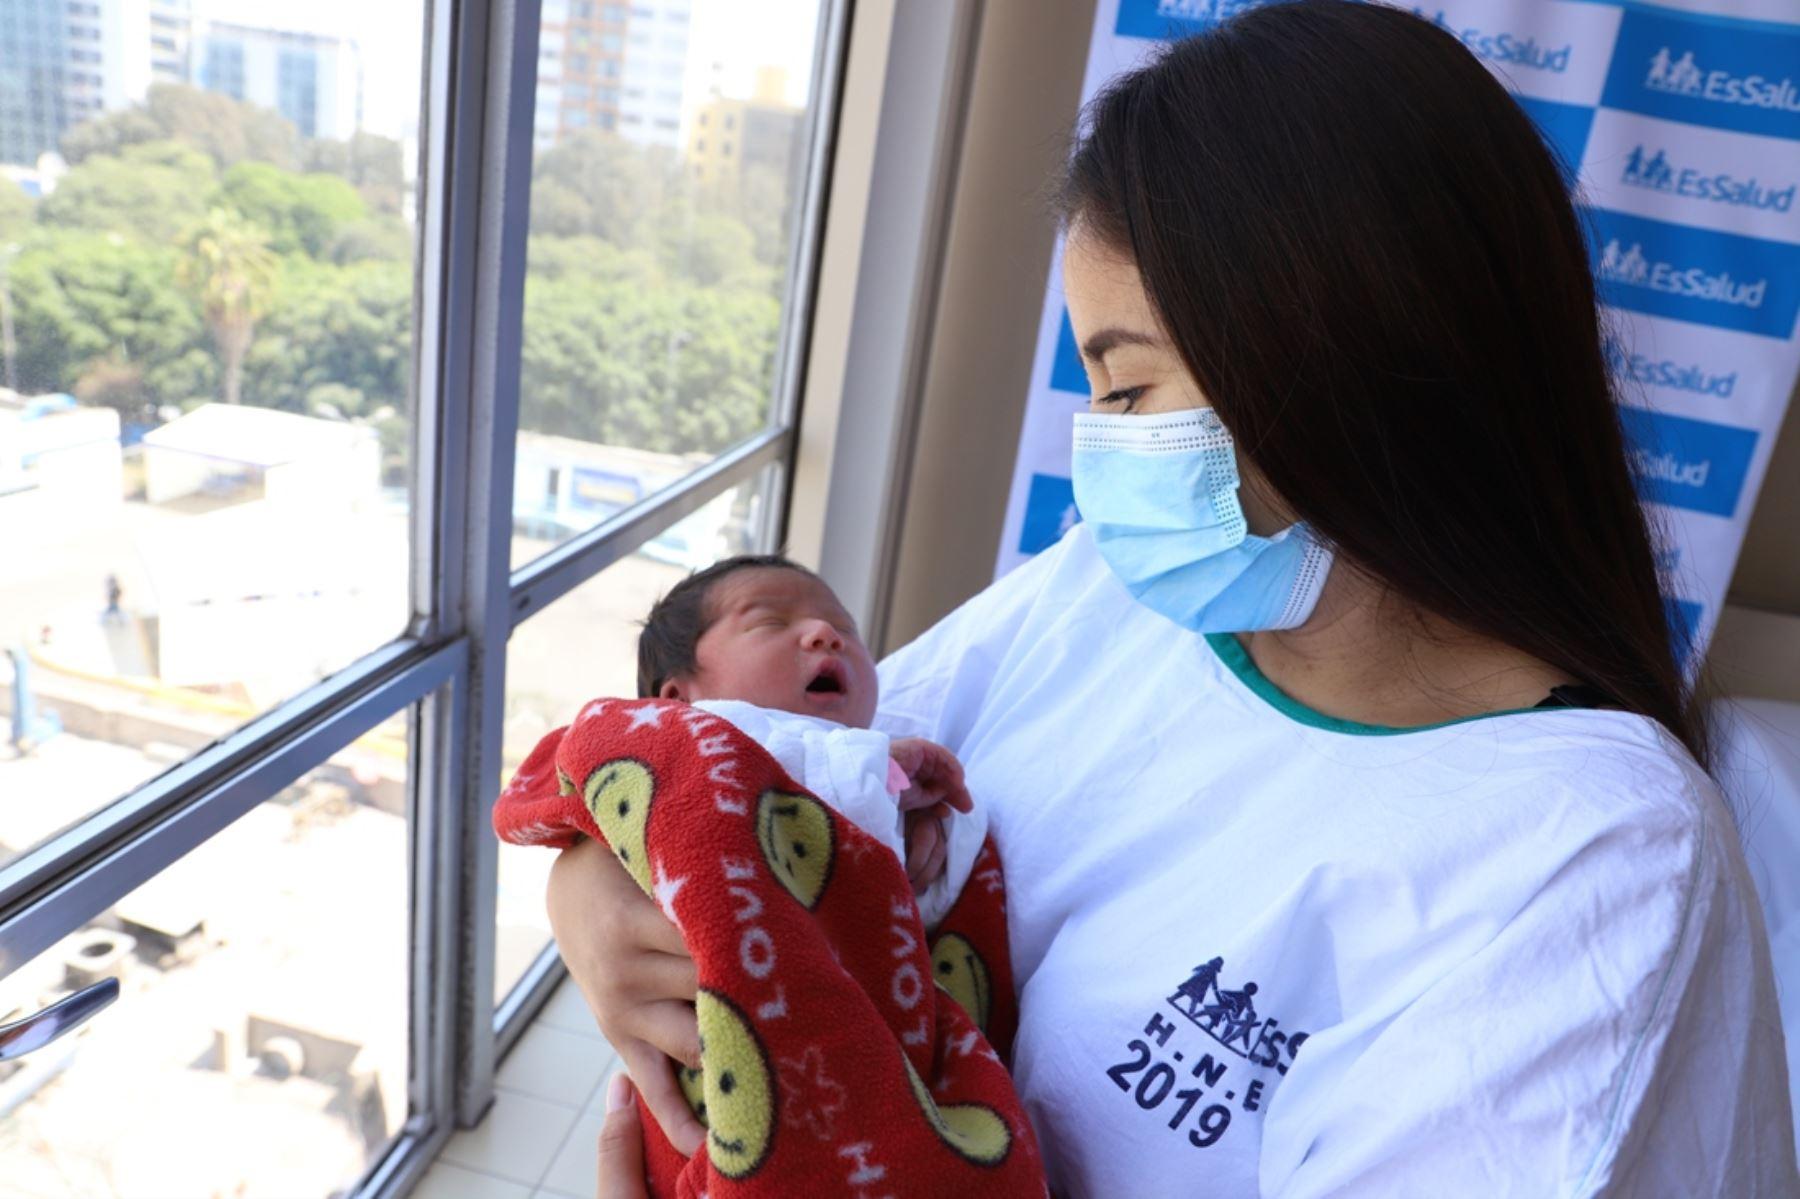 Día de la Madre: más de 5,000 bebés nacieron en el hospital Rebagliati durante la pandemia. Foto: ANDINA/Difusión.